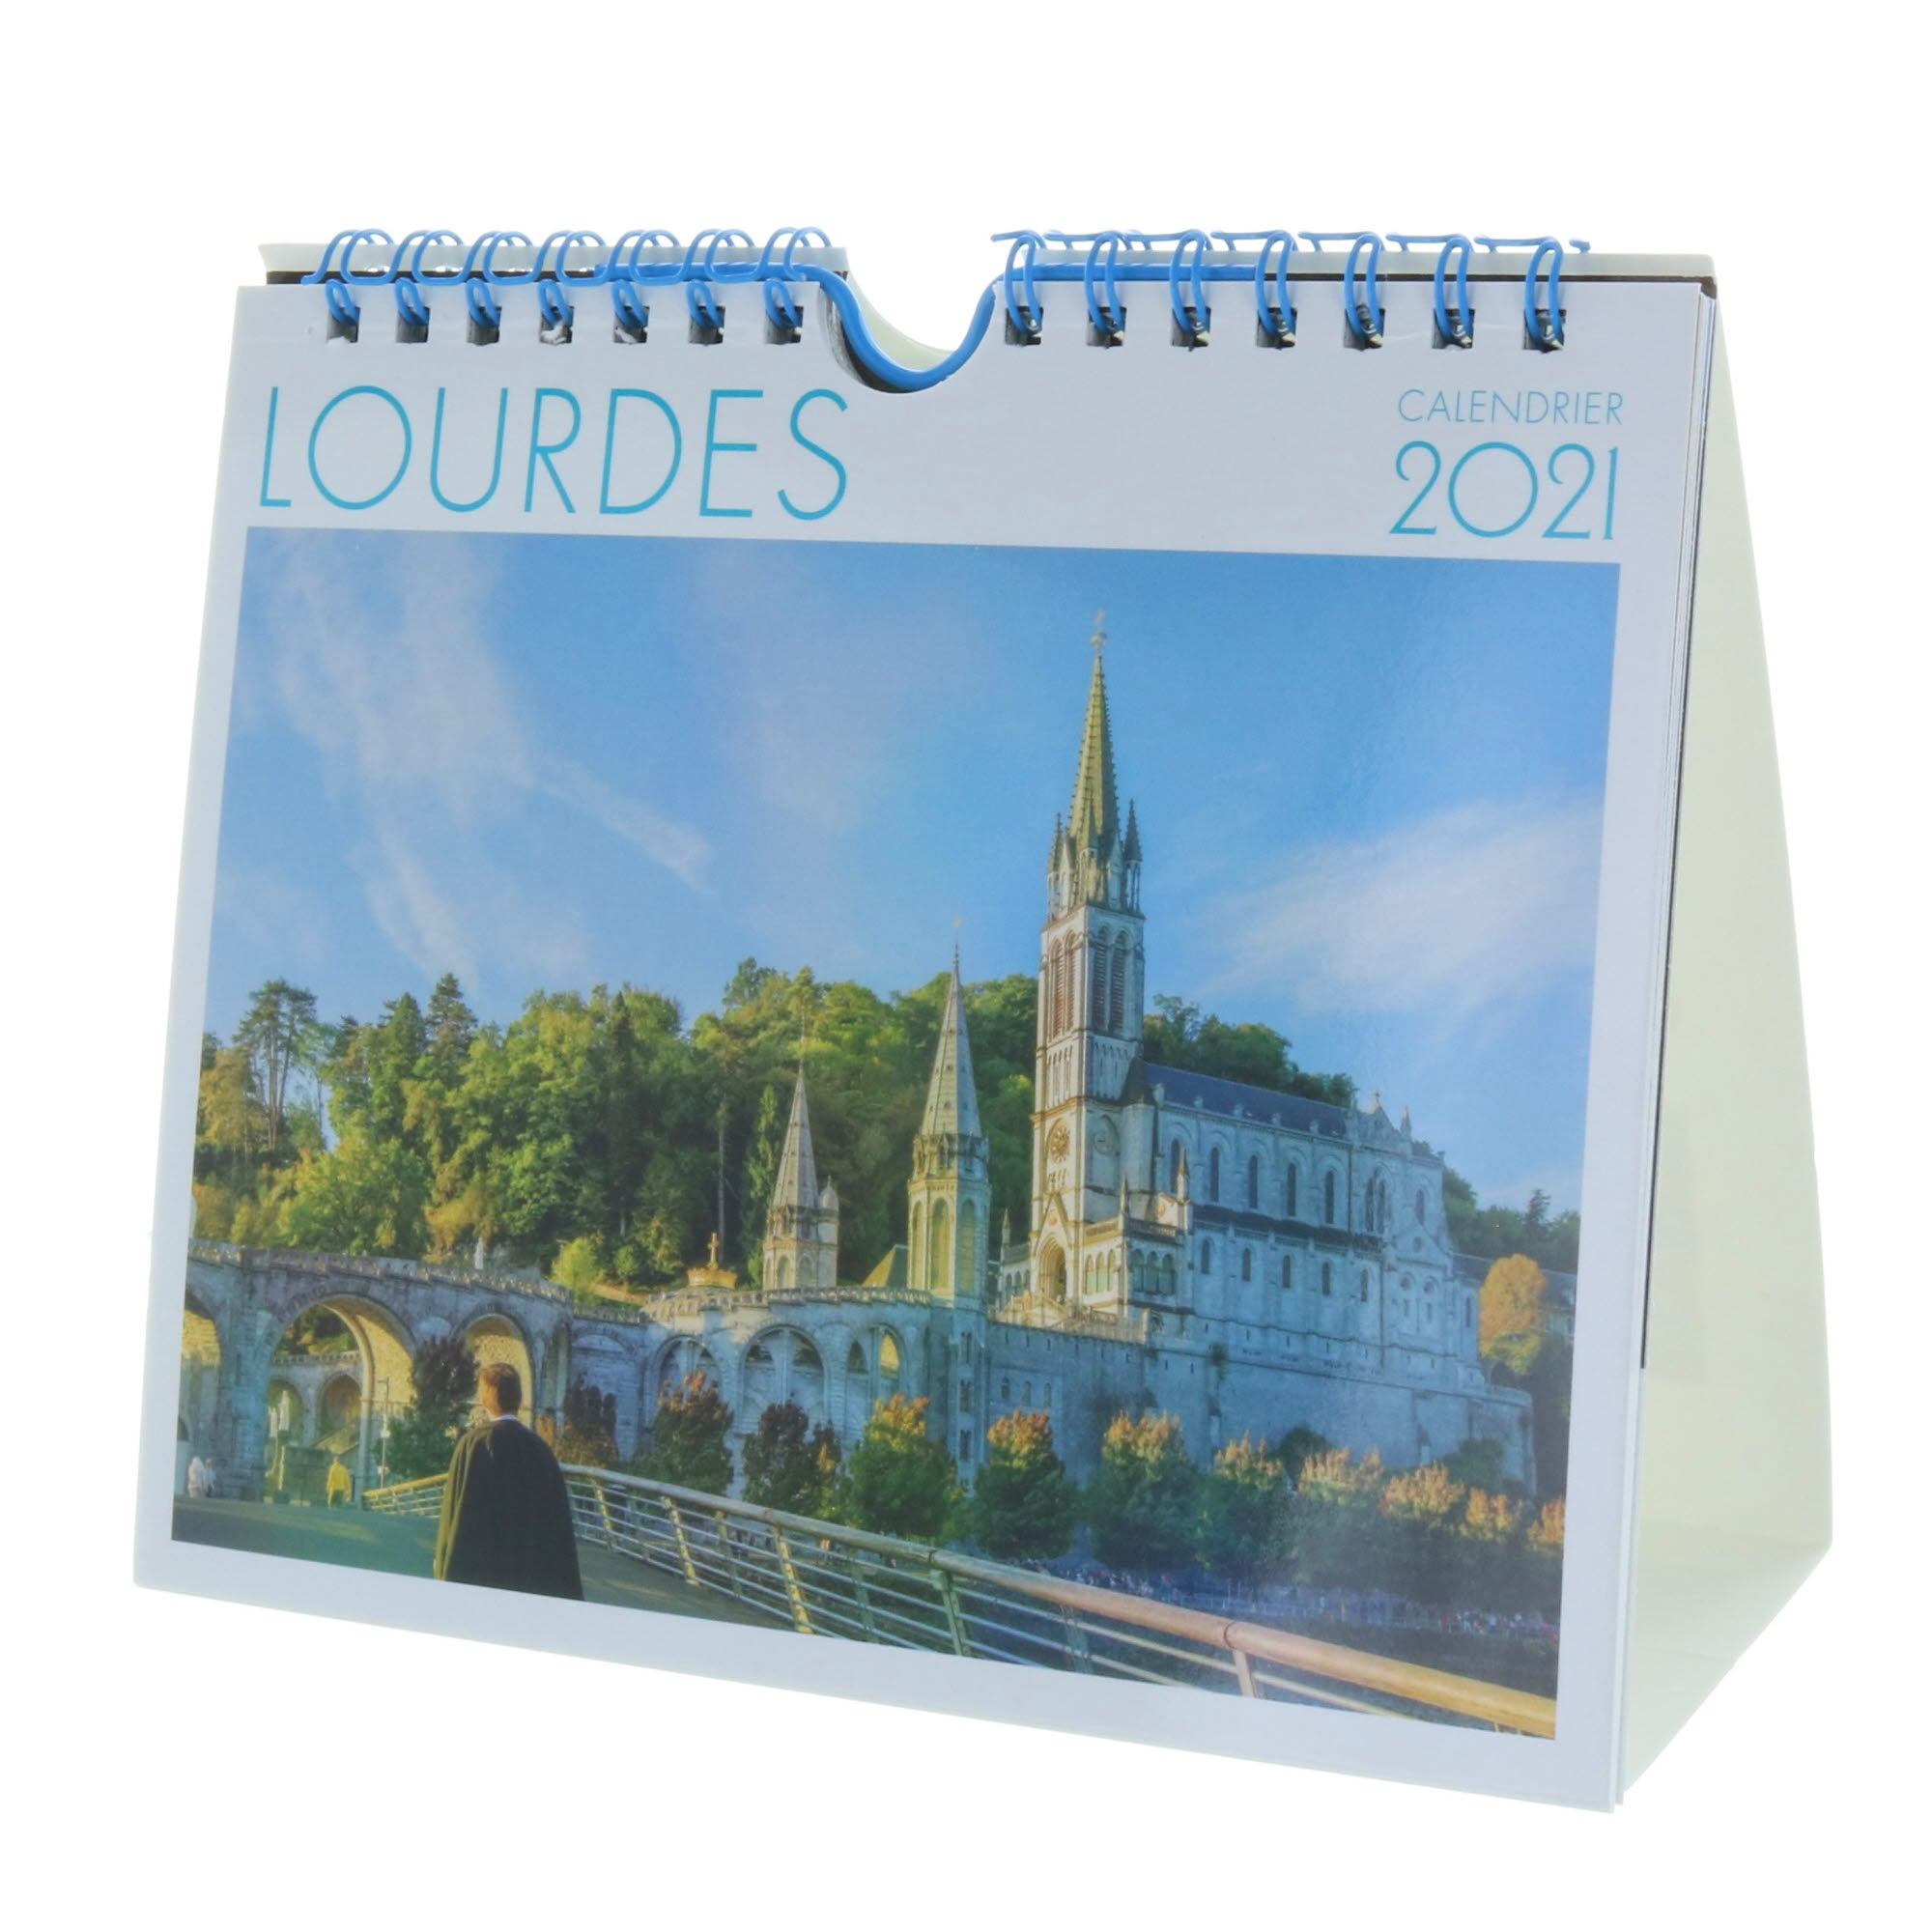 Calendrier de Lourdes 2021